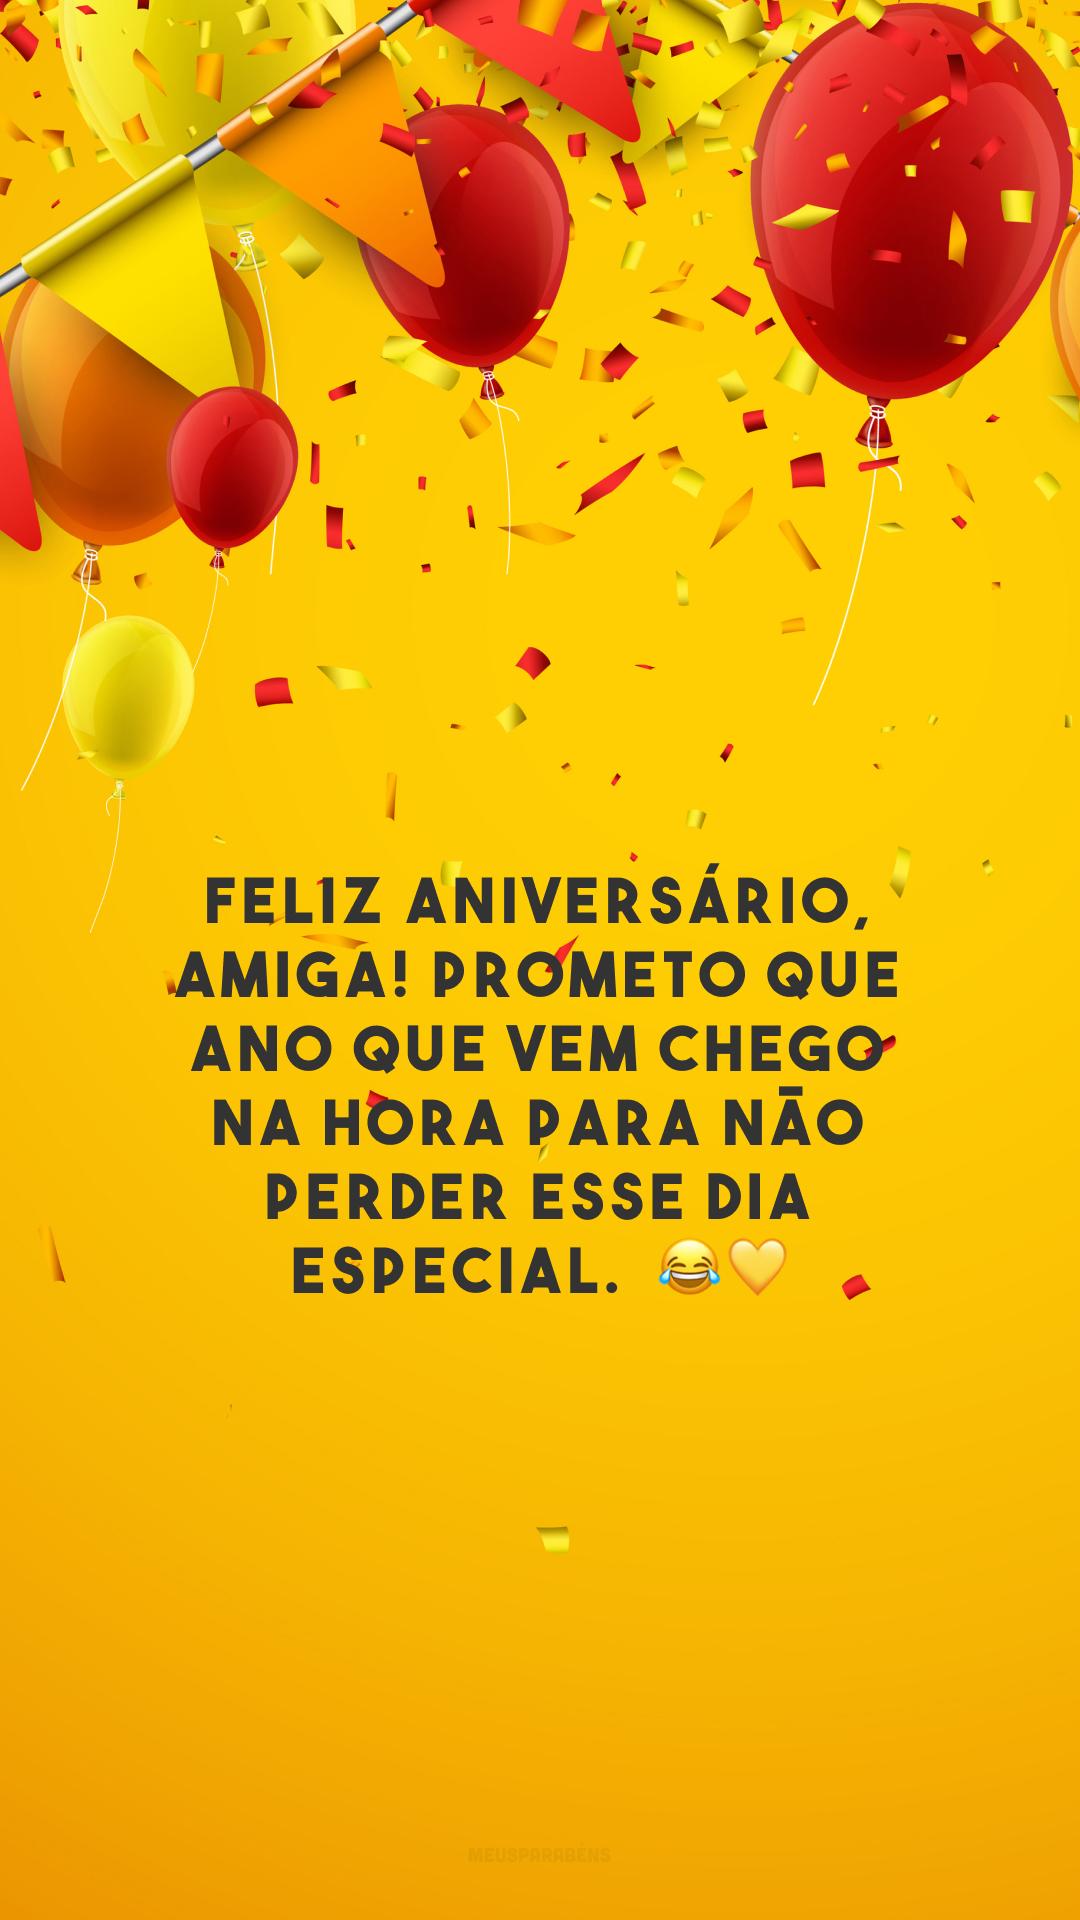 Feliz aniversário, amiga! Prometo que ano que vem chego na hora para não perder esse dia especial.  😂💛